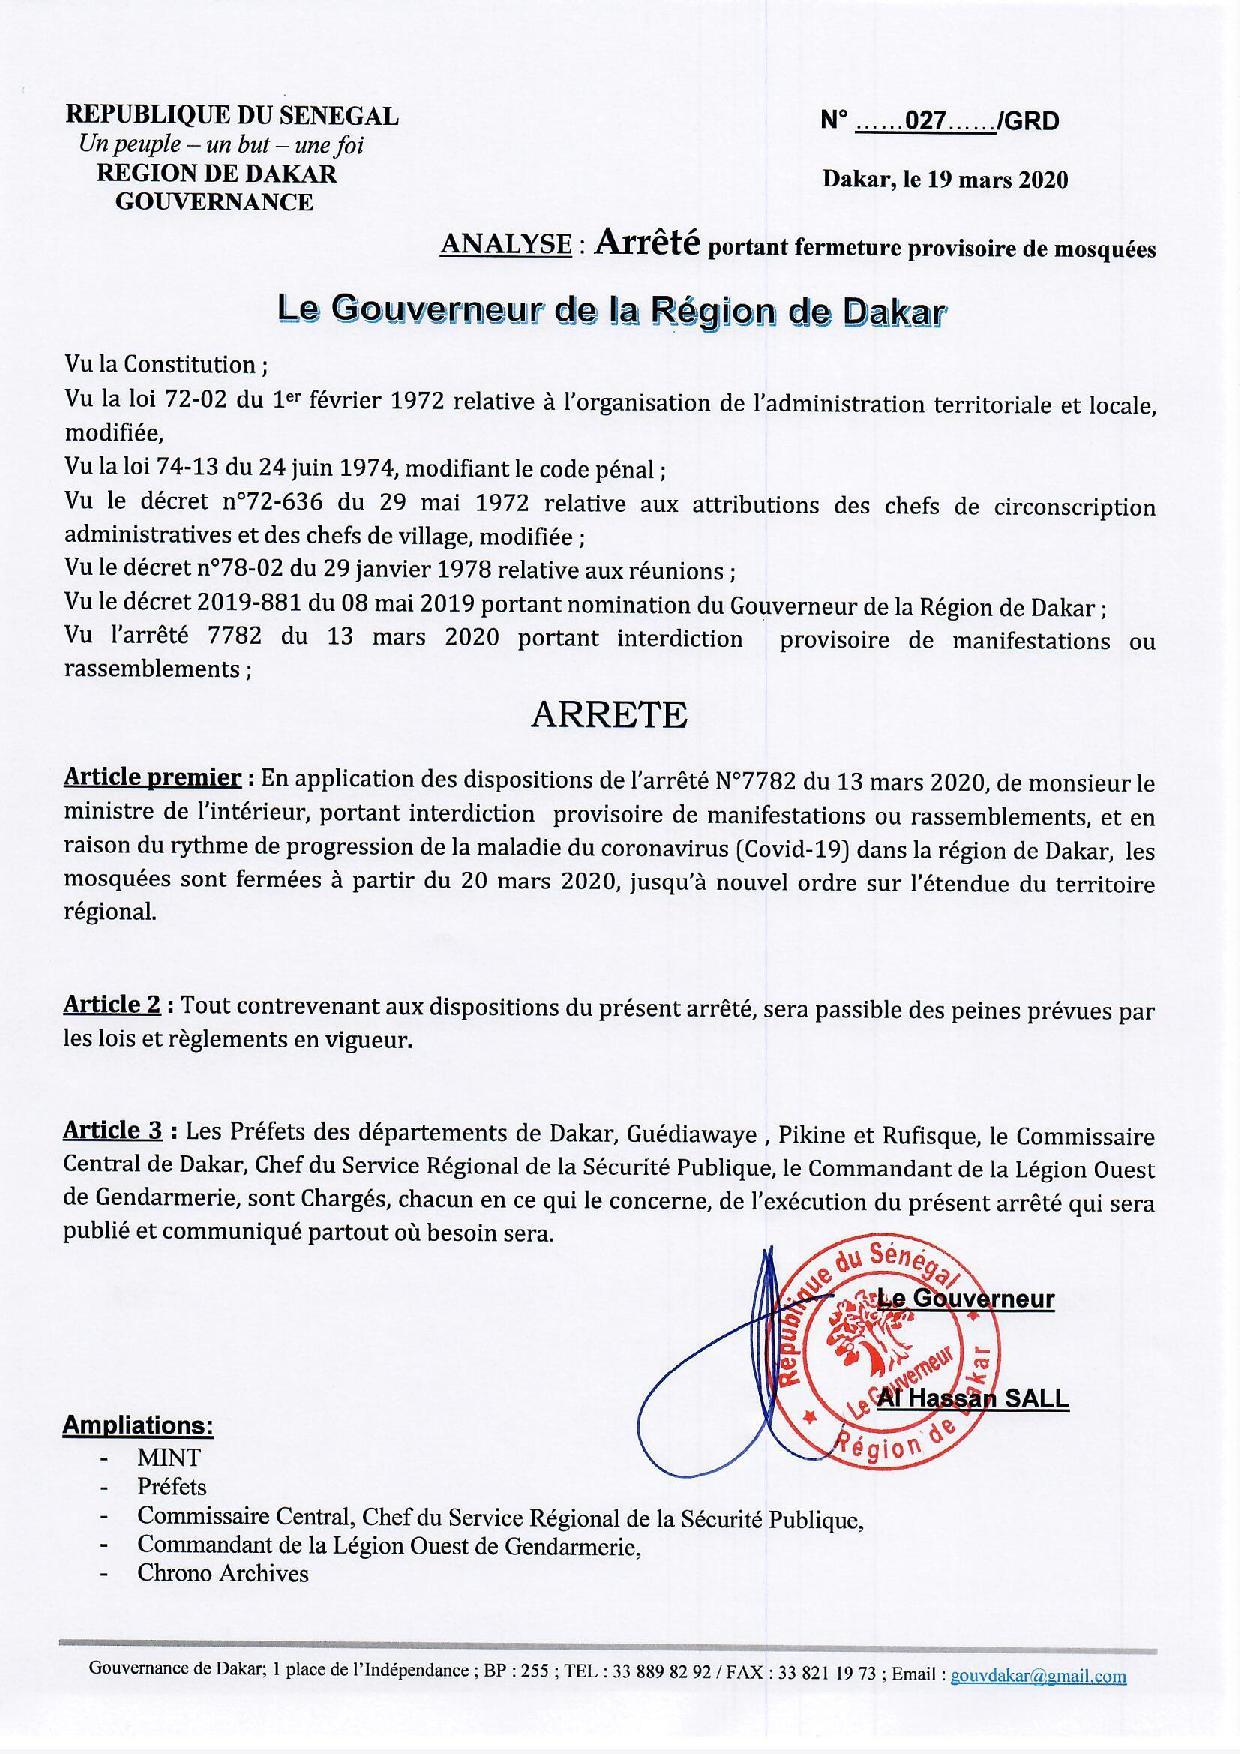 Le courageux Gouverneur Al Hassan Sall ferme tous les mosquées de Dakar, pour le bien de la communauté